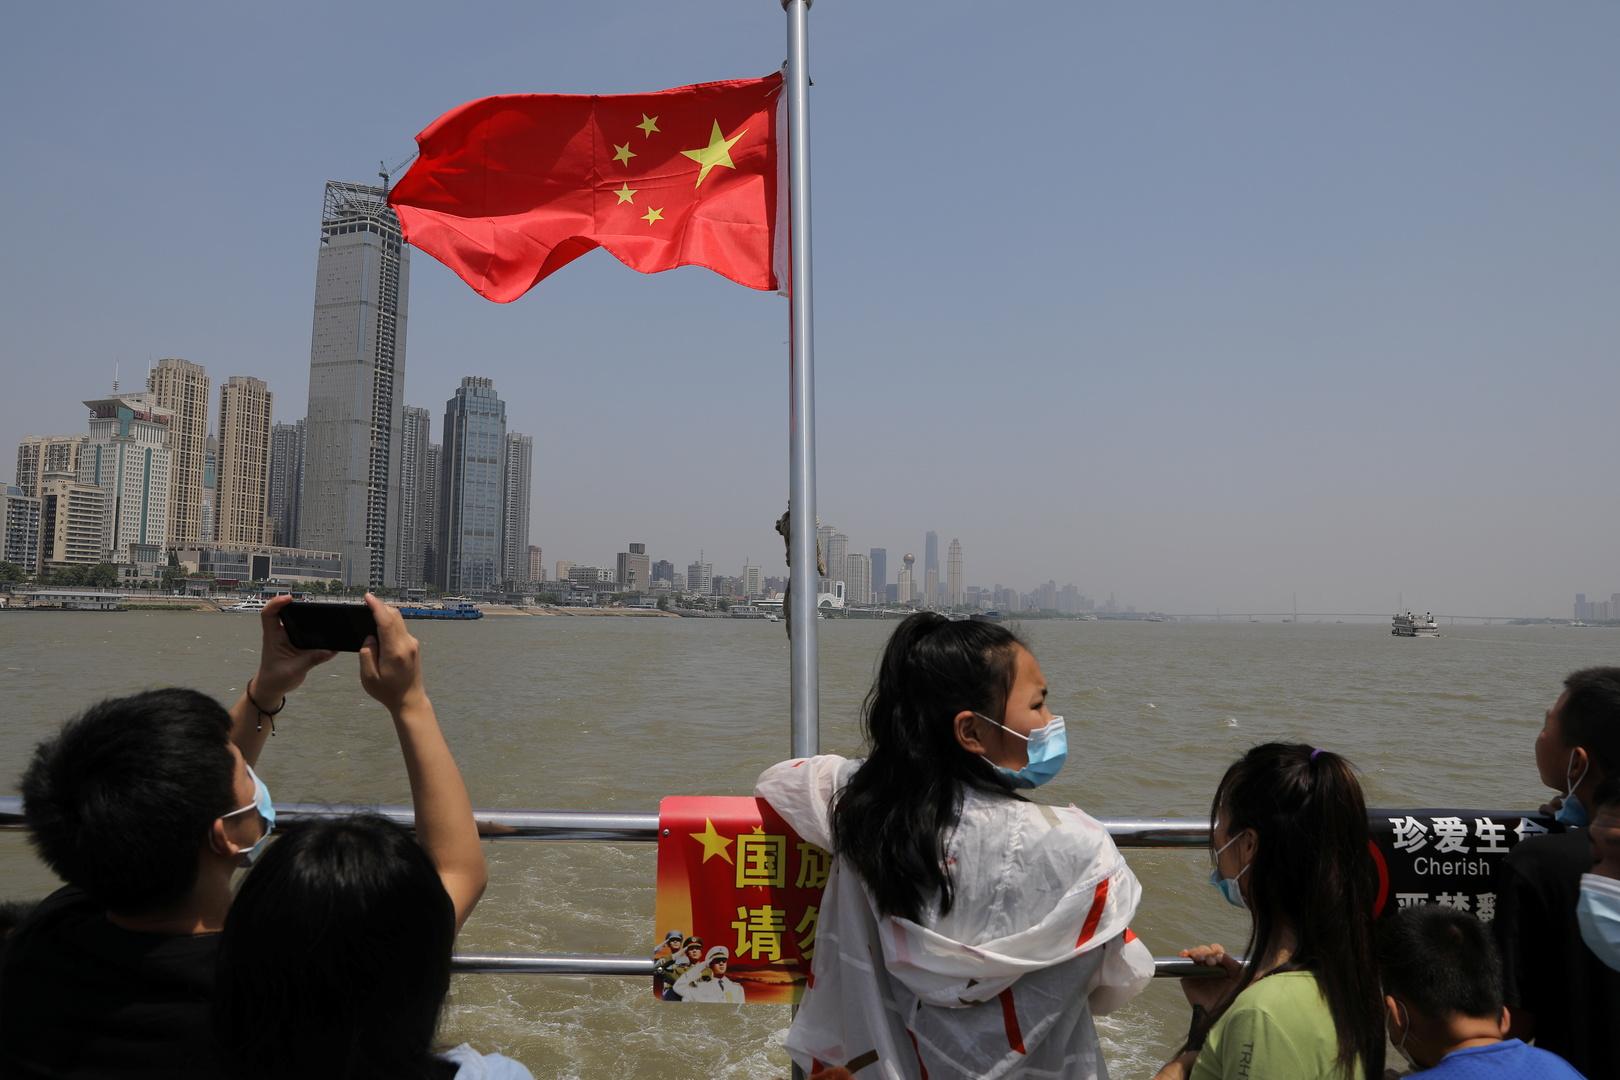 إعصار يضرب ووهان الصينية ويخلف قتلى وجرحى